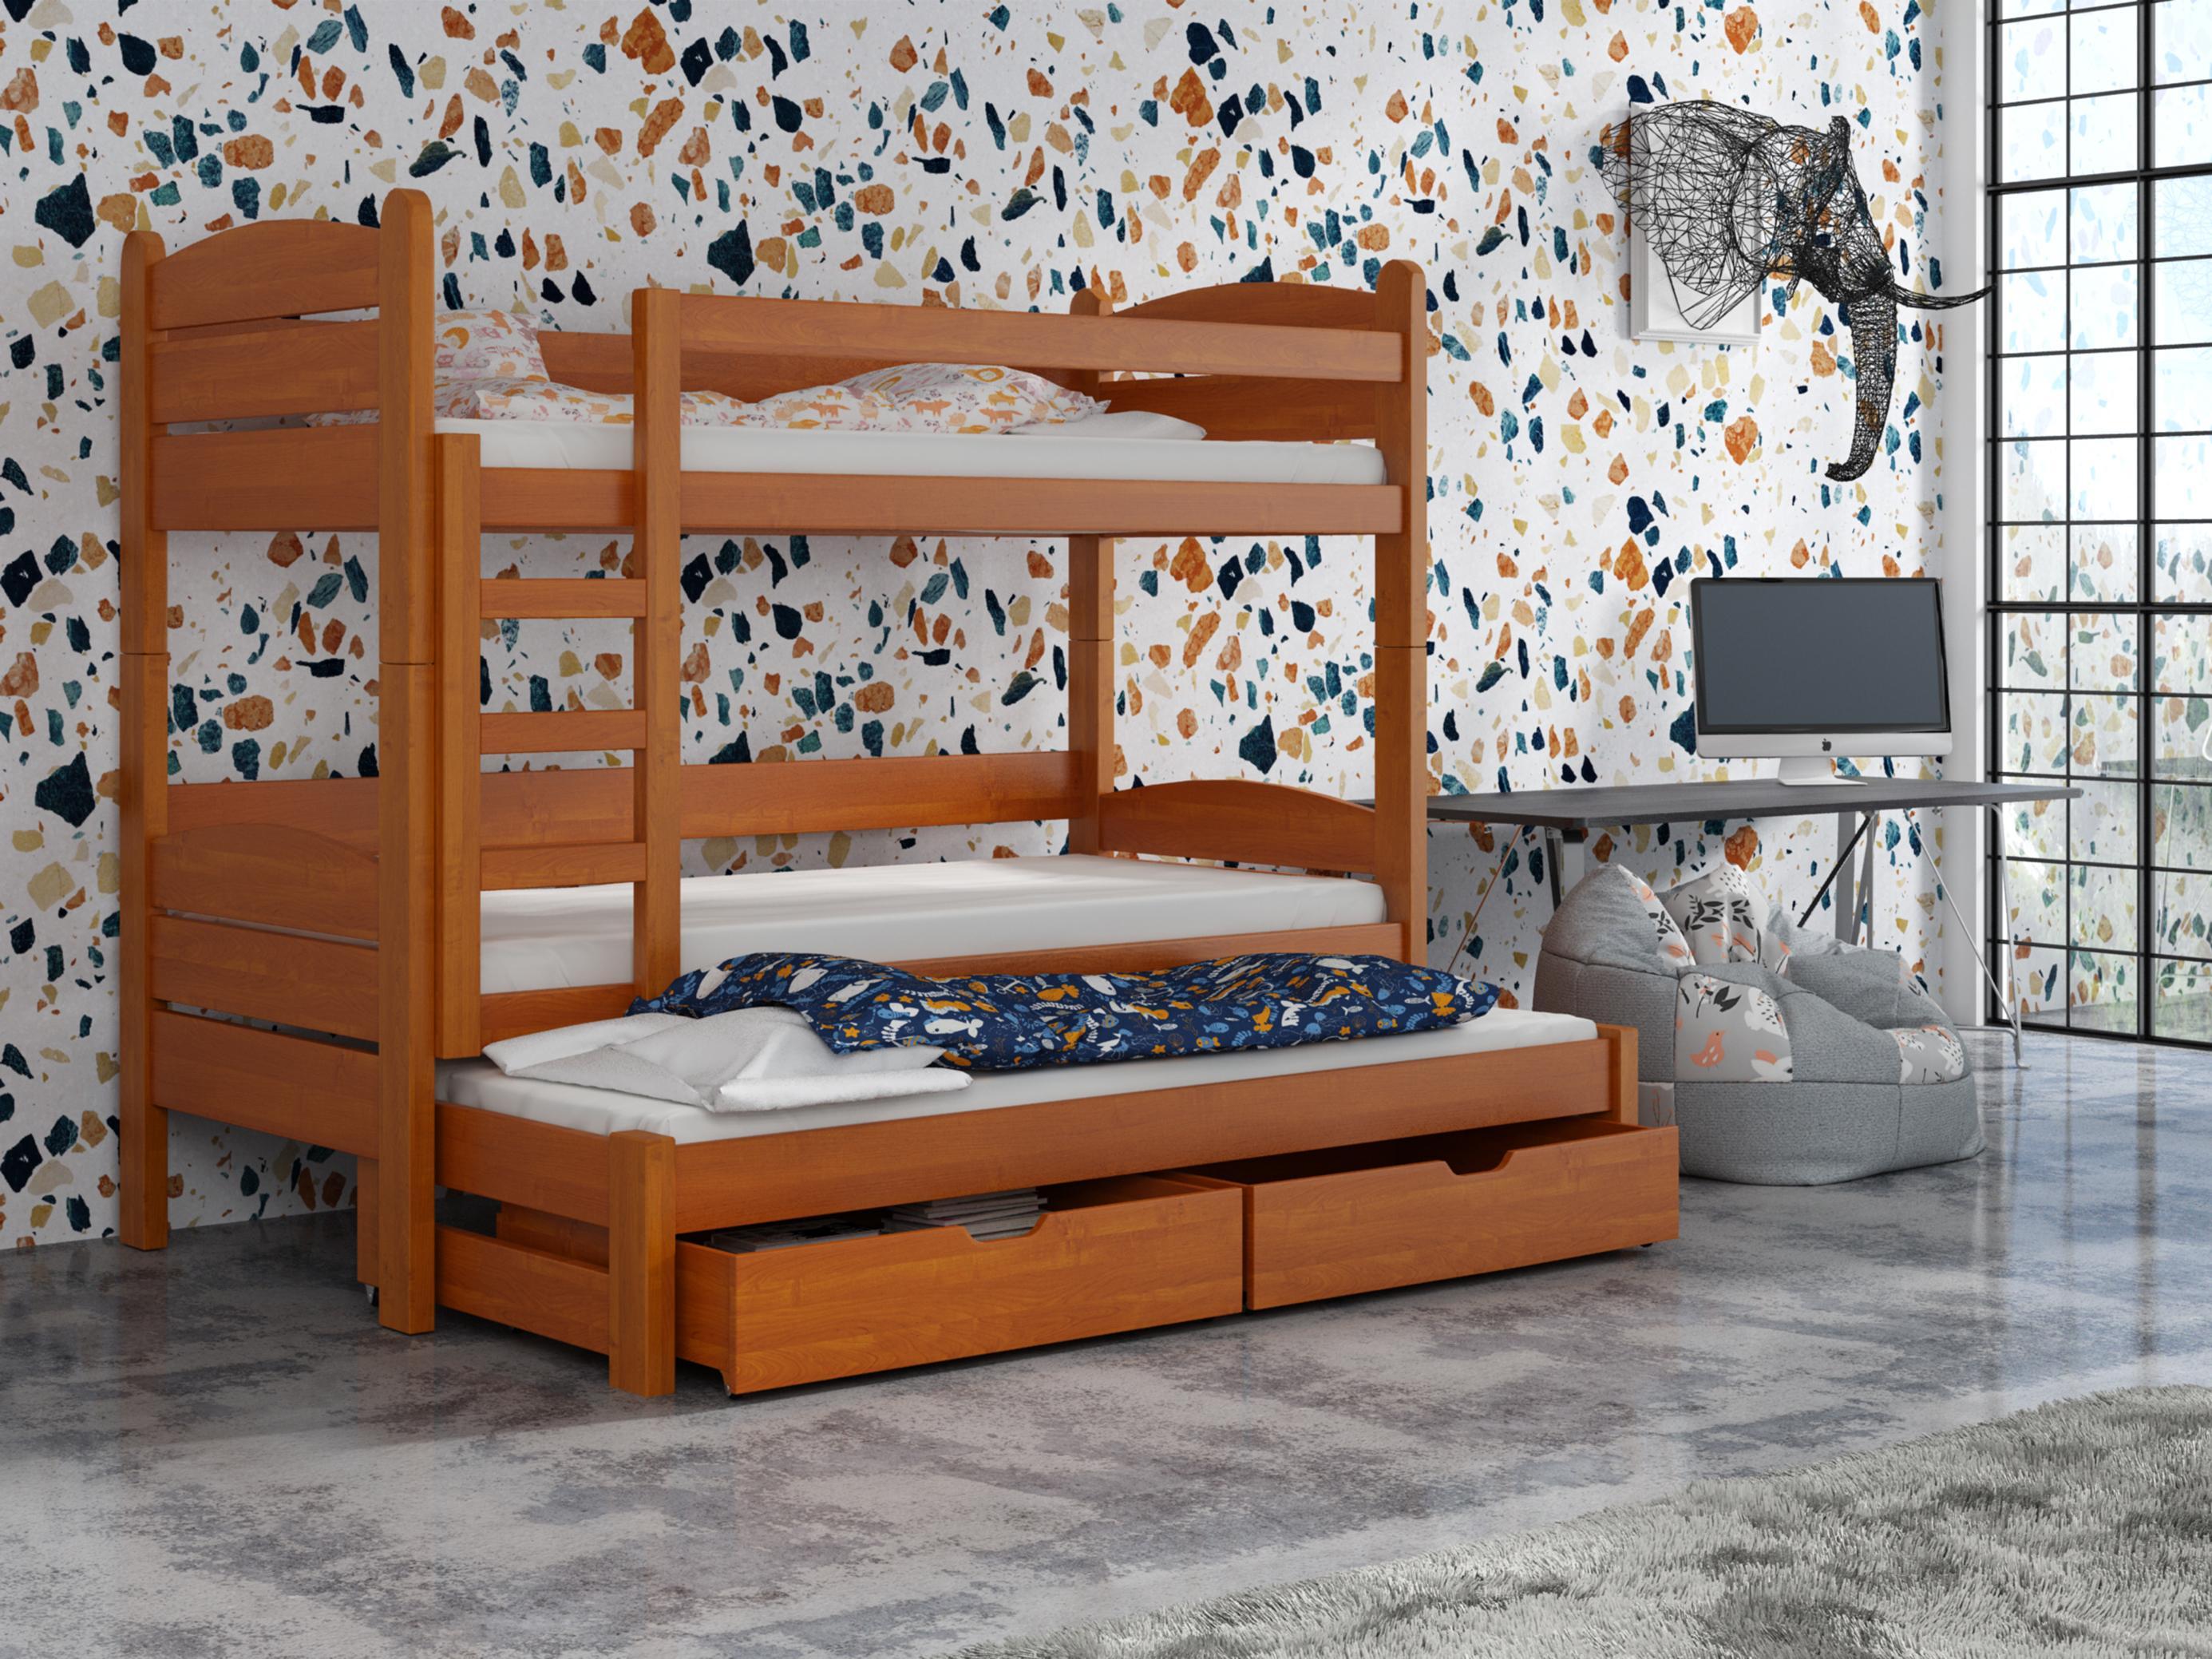 Detská poschodová posteľ 90 cm - Celsa (jelša). Akcia -33%. Vlastná spoľahlivá doprava až k Vám domov.